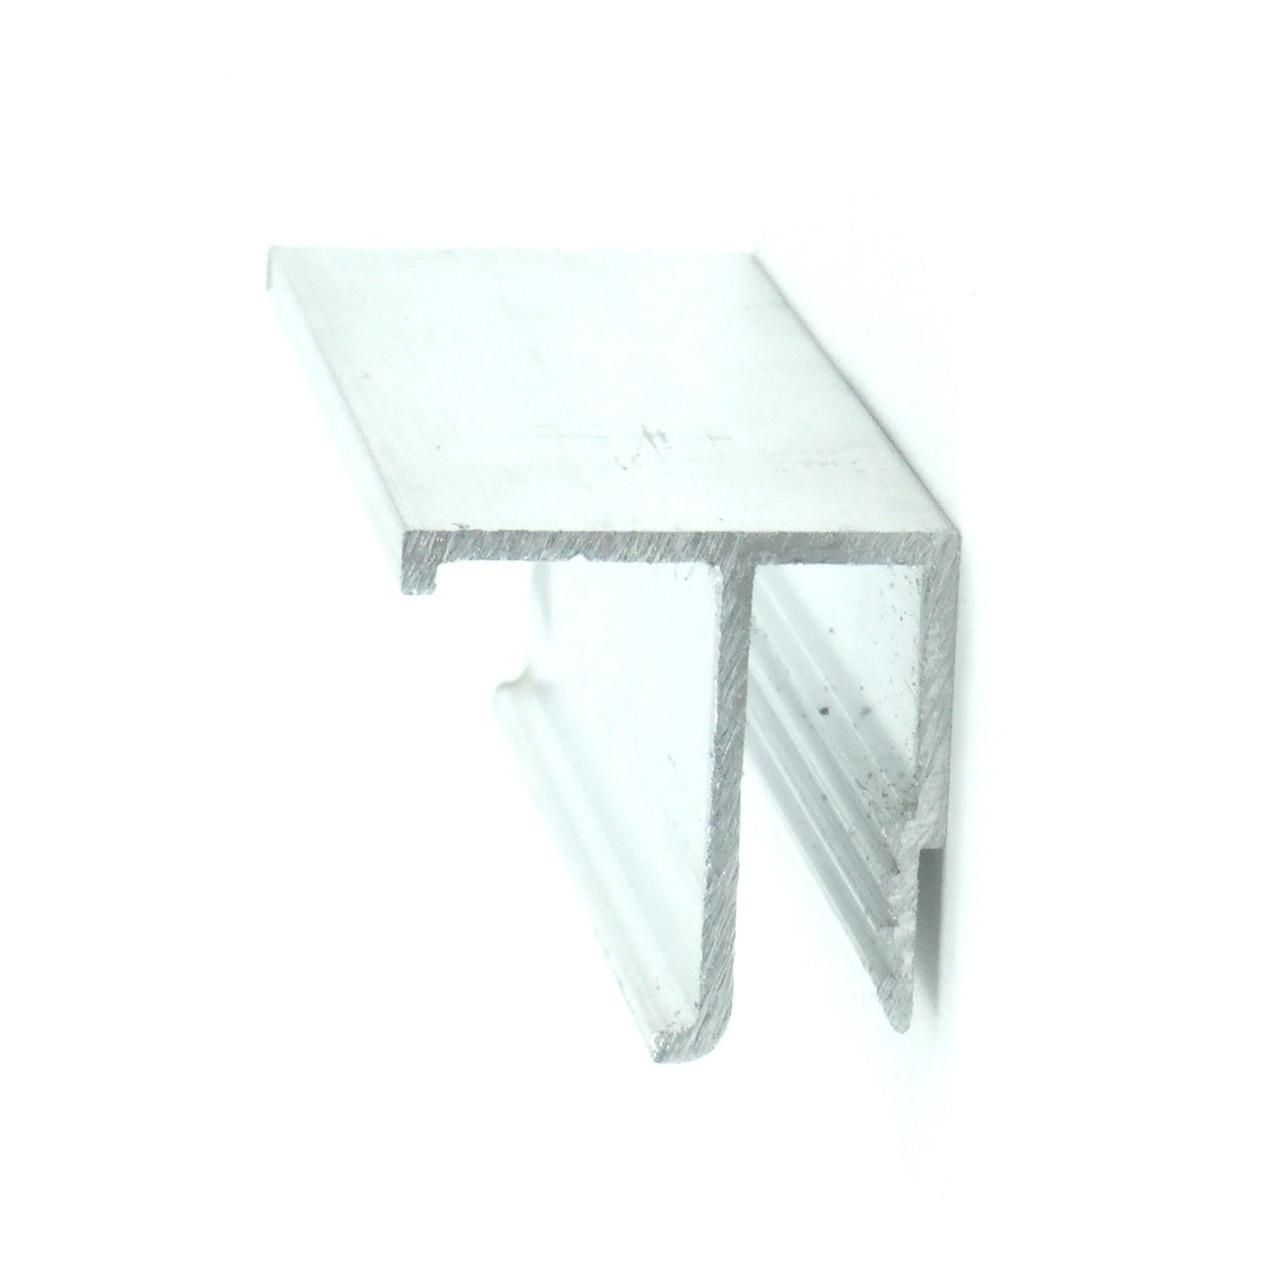 Профиль алюминиевый для натяжных потолков - F-образный, потолочный. Длина профиля 2,5 м.